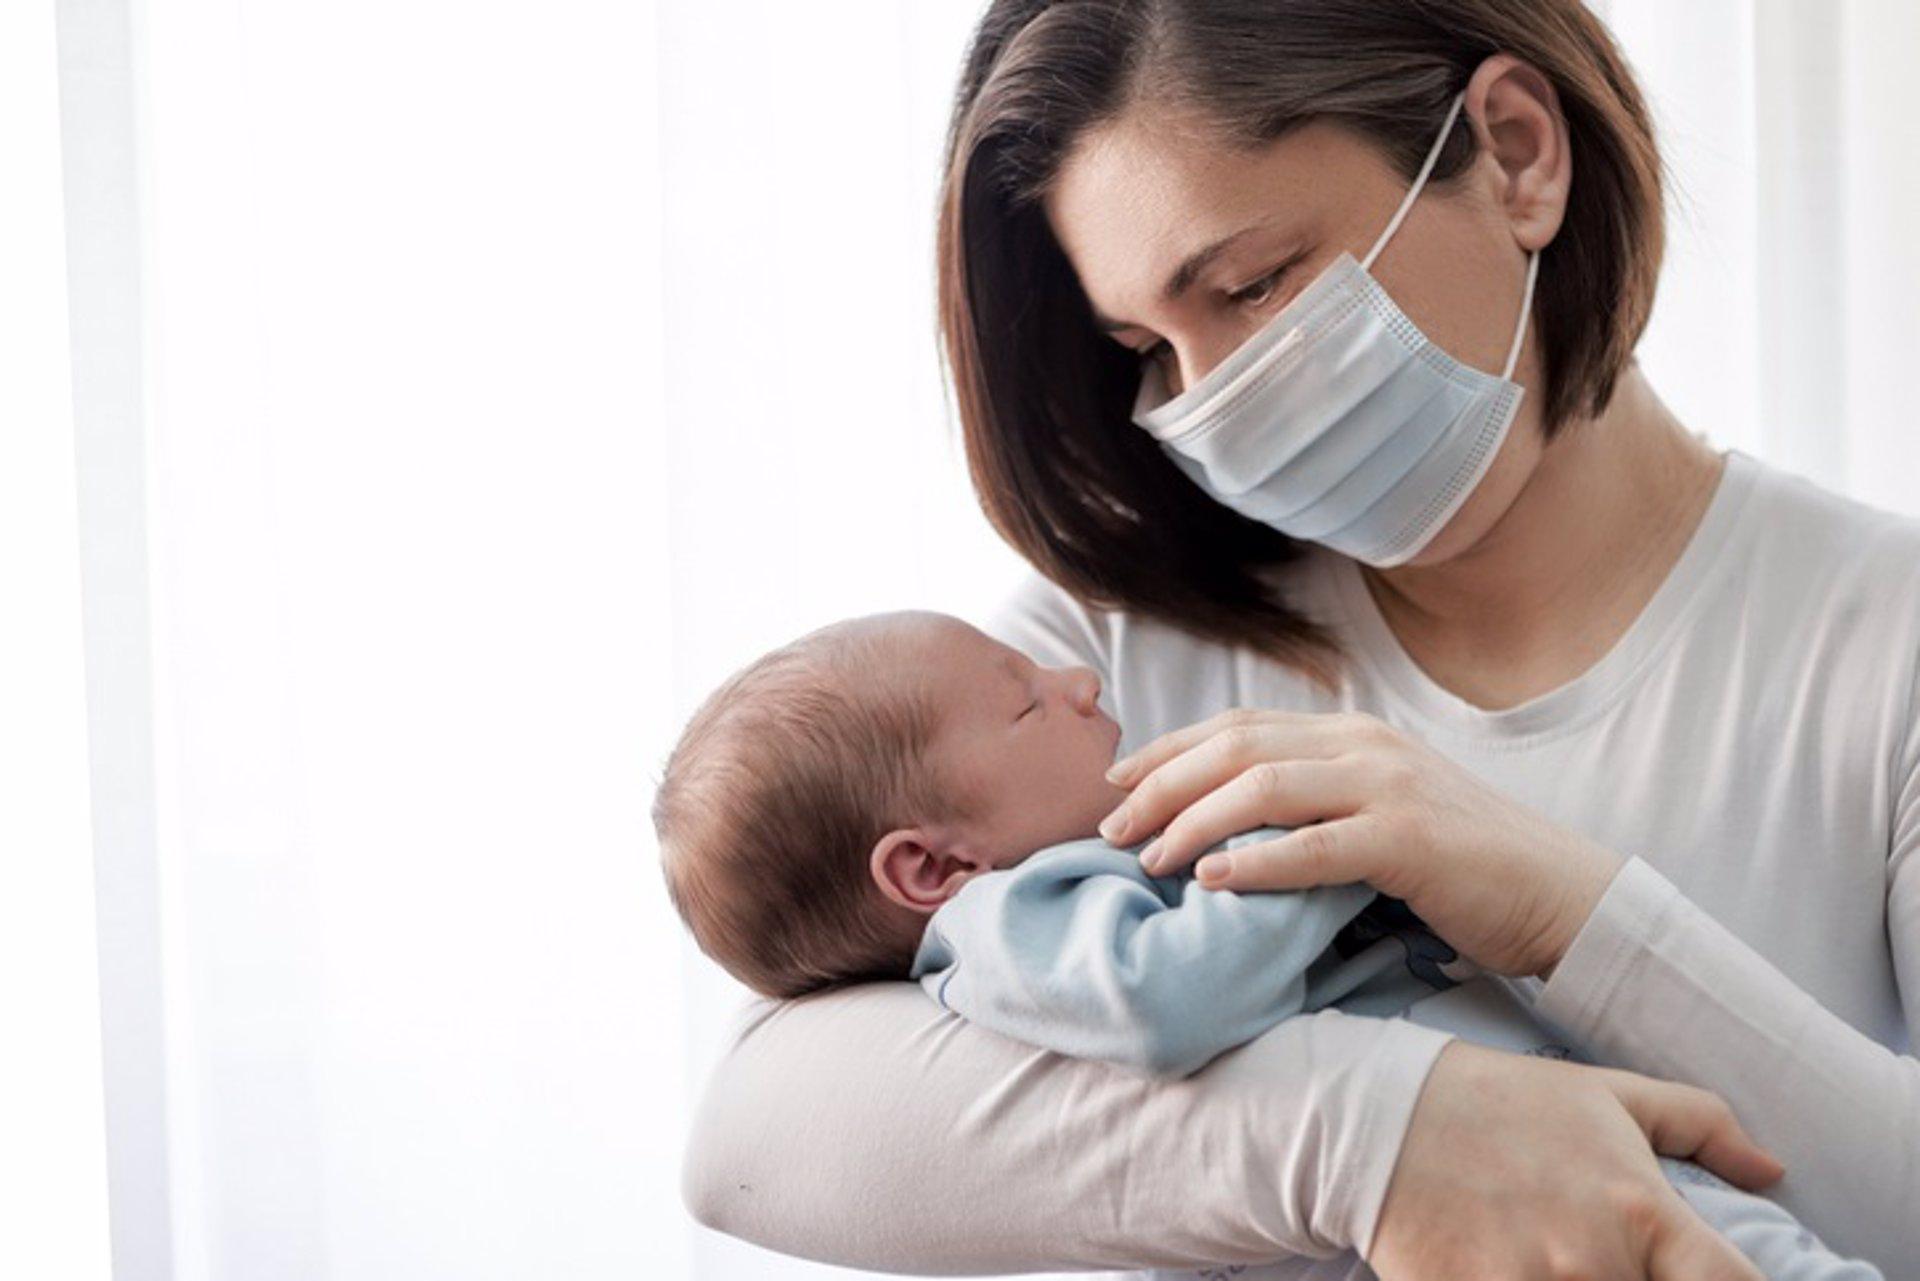 Cvirus.- Uno de cada 20 niños hospitalizados por COVID-19 desarrolla complicaciones nerviosas, según un estudio